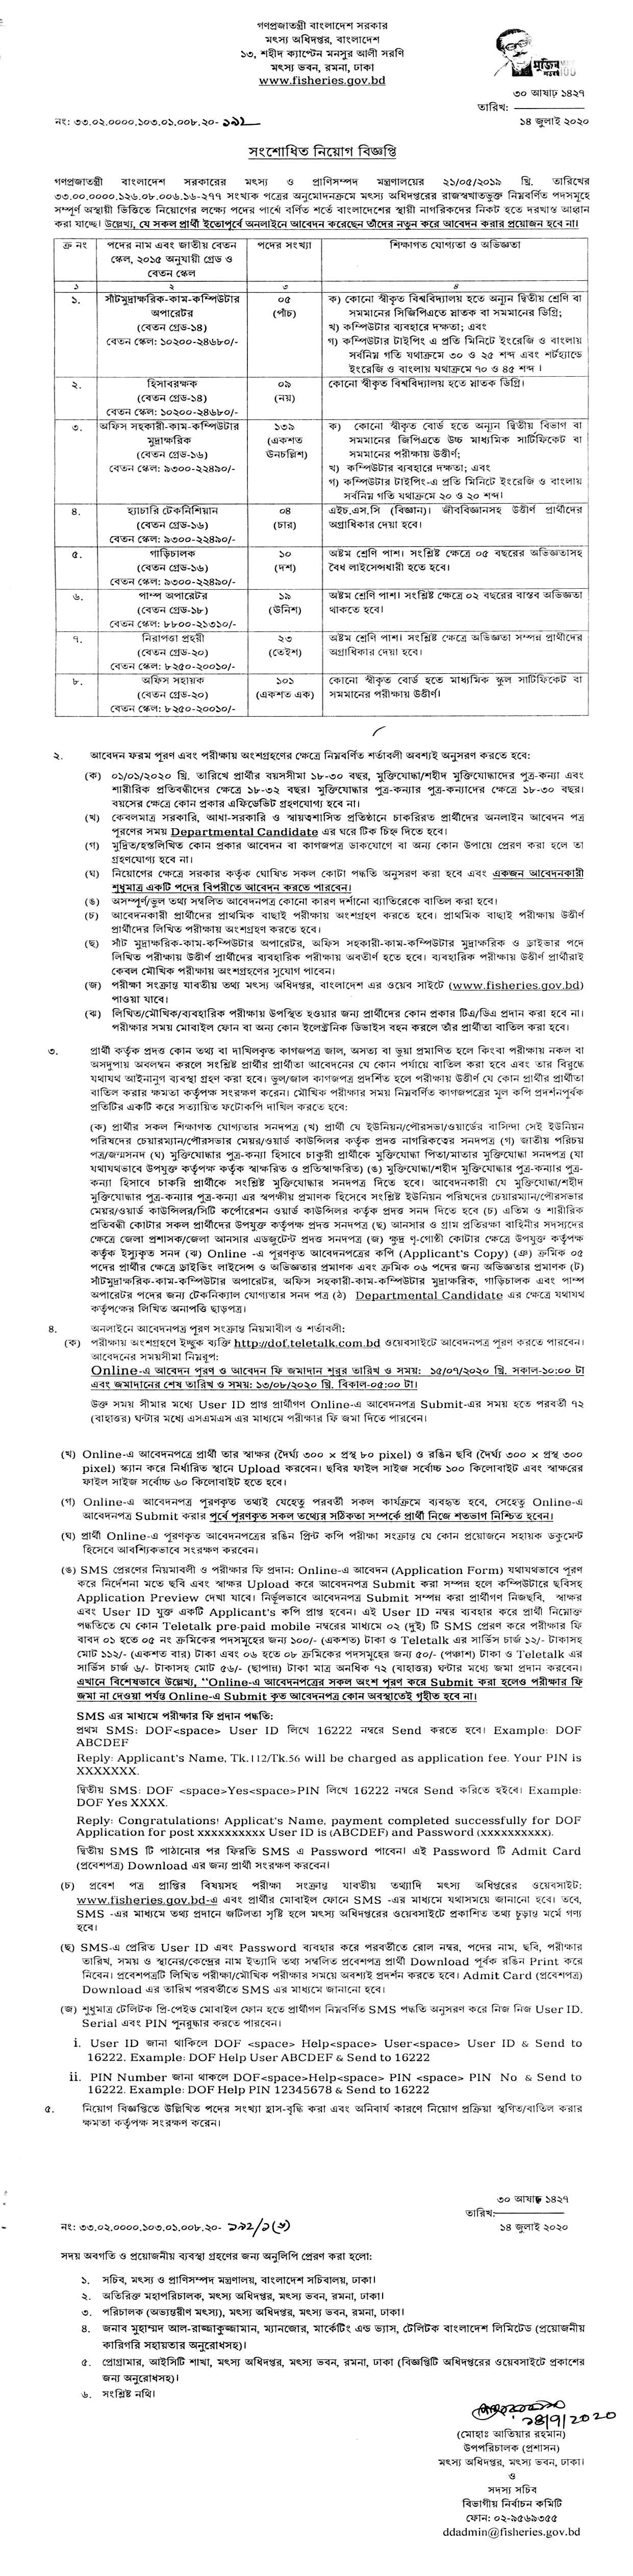 Department-of-Fisheries-Job-Circular-2020-jobsebd